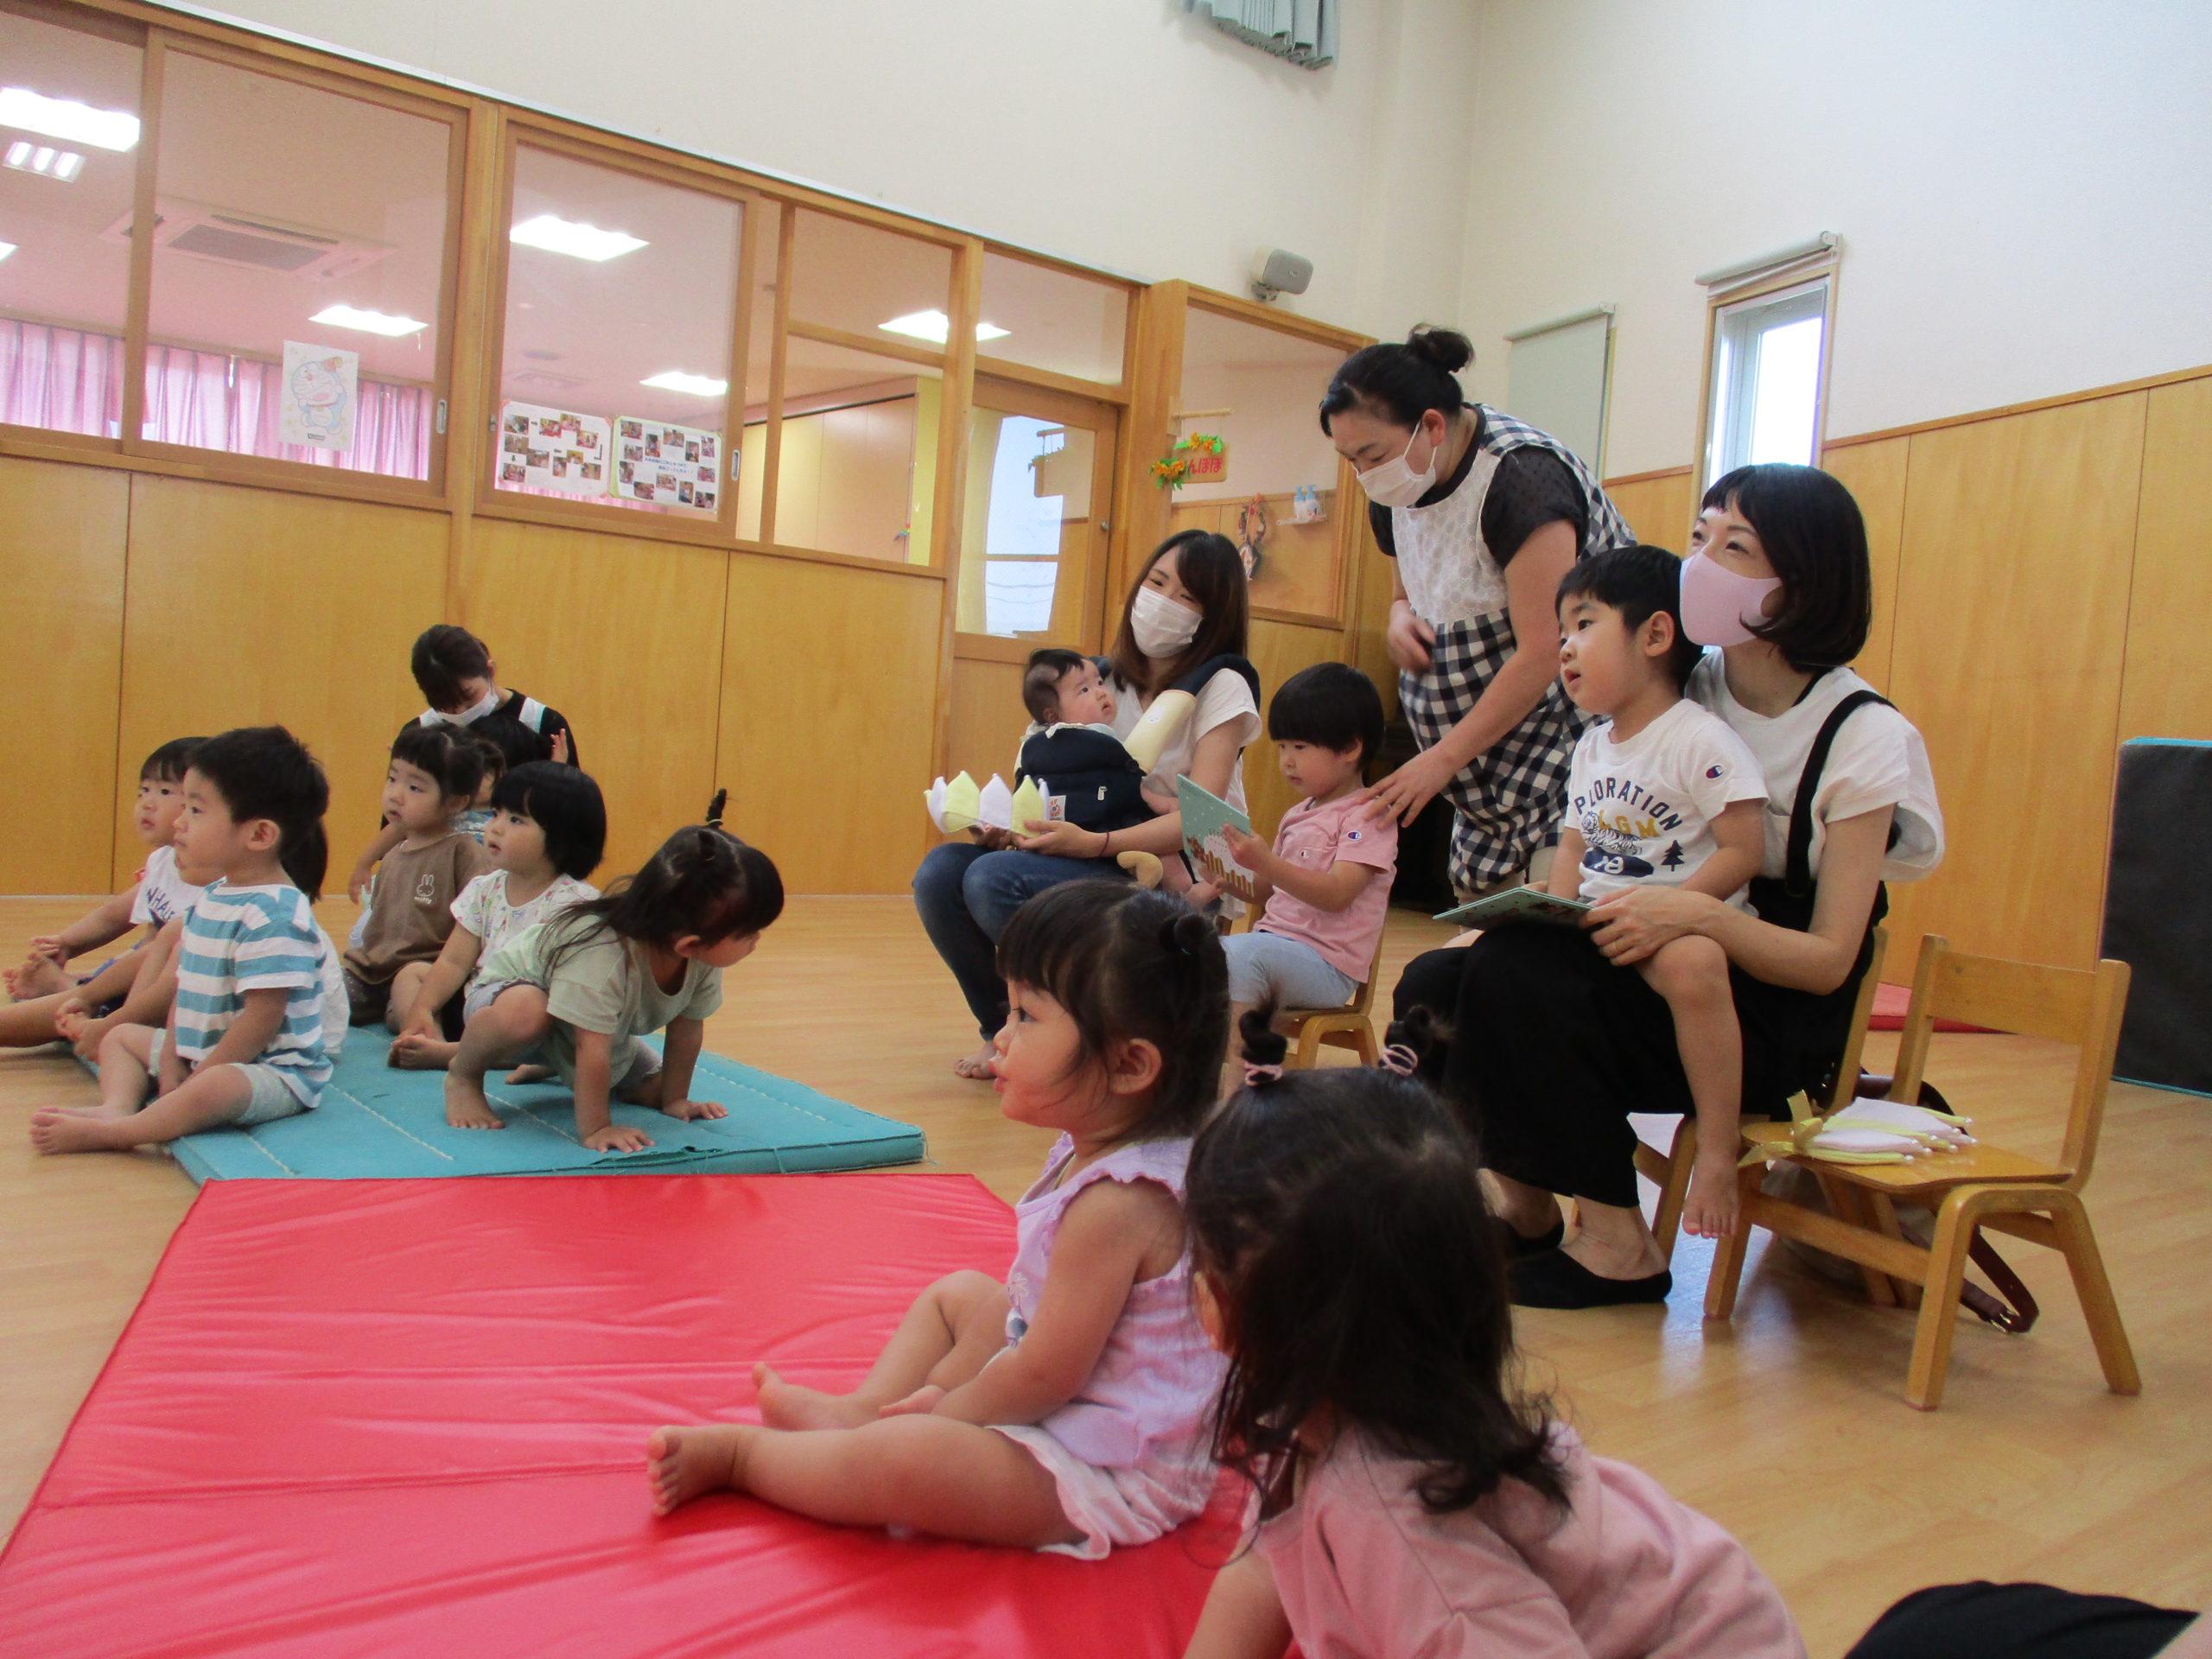 なかの乳児保育園